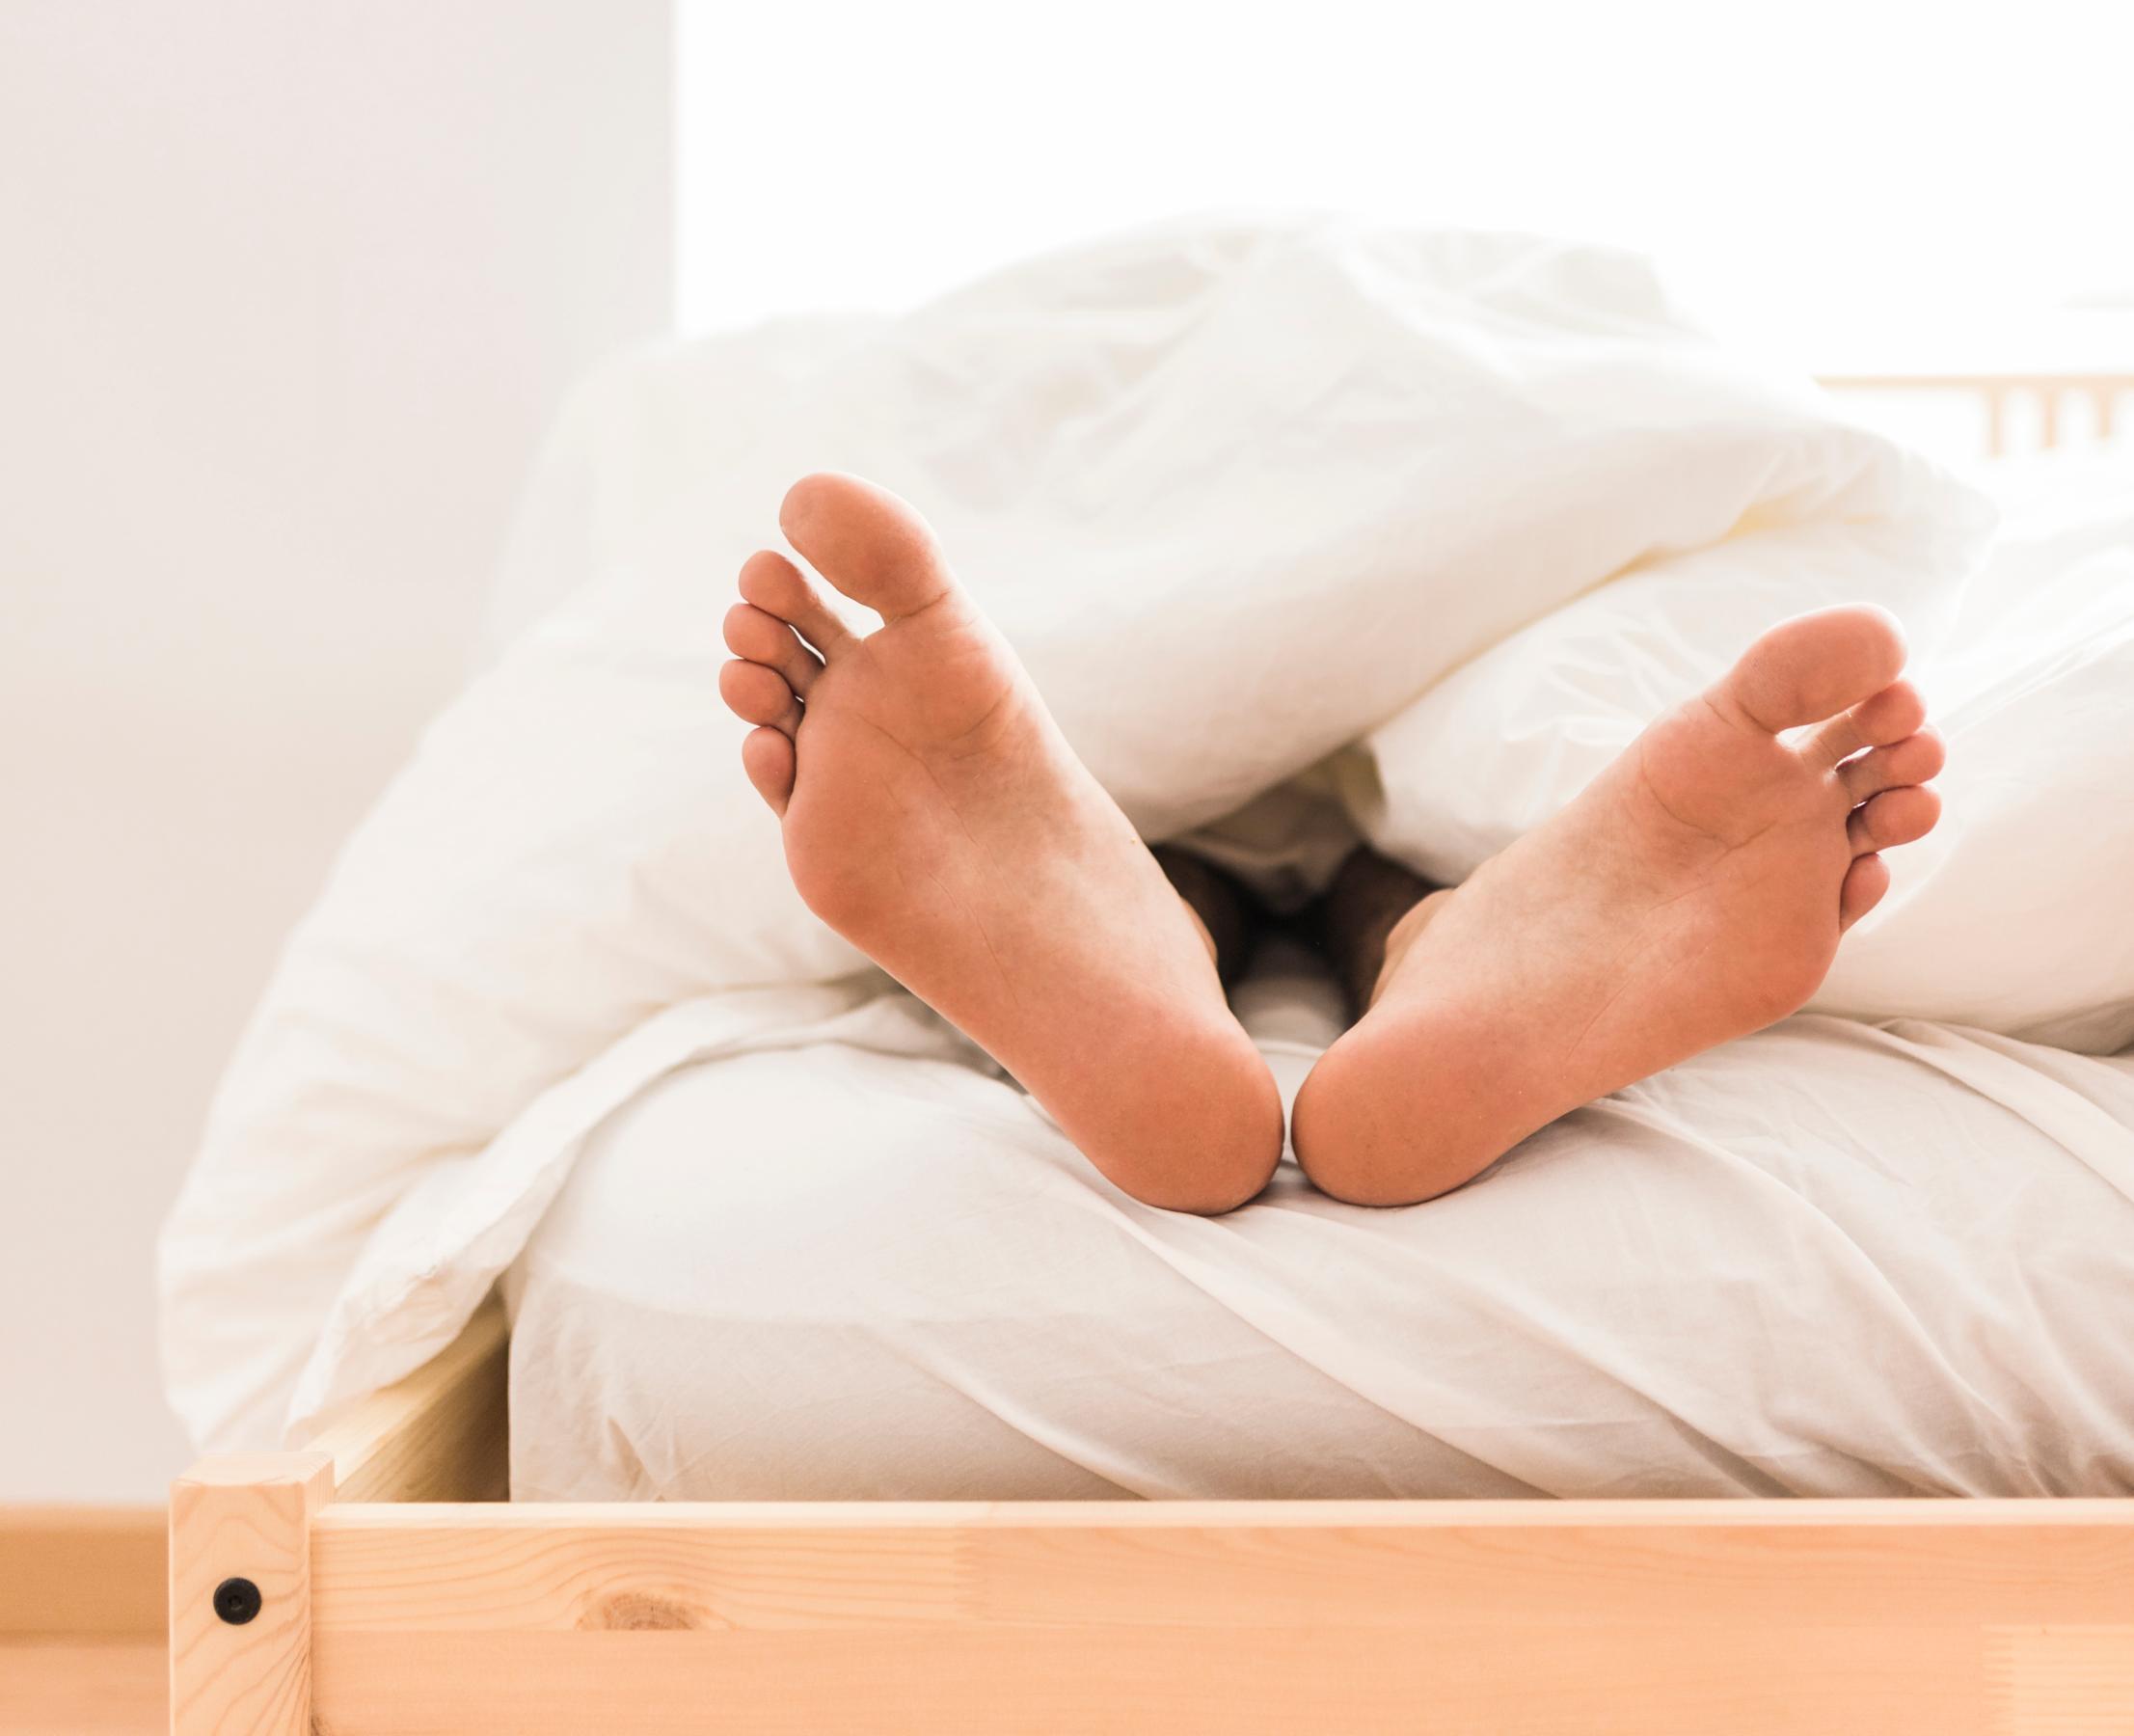 Cuscino Per Alzare Le Gambe.Dormire Con Le Gambe Sollevate Una Buona E Sana Abitudine